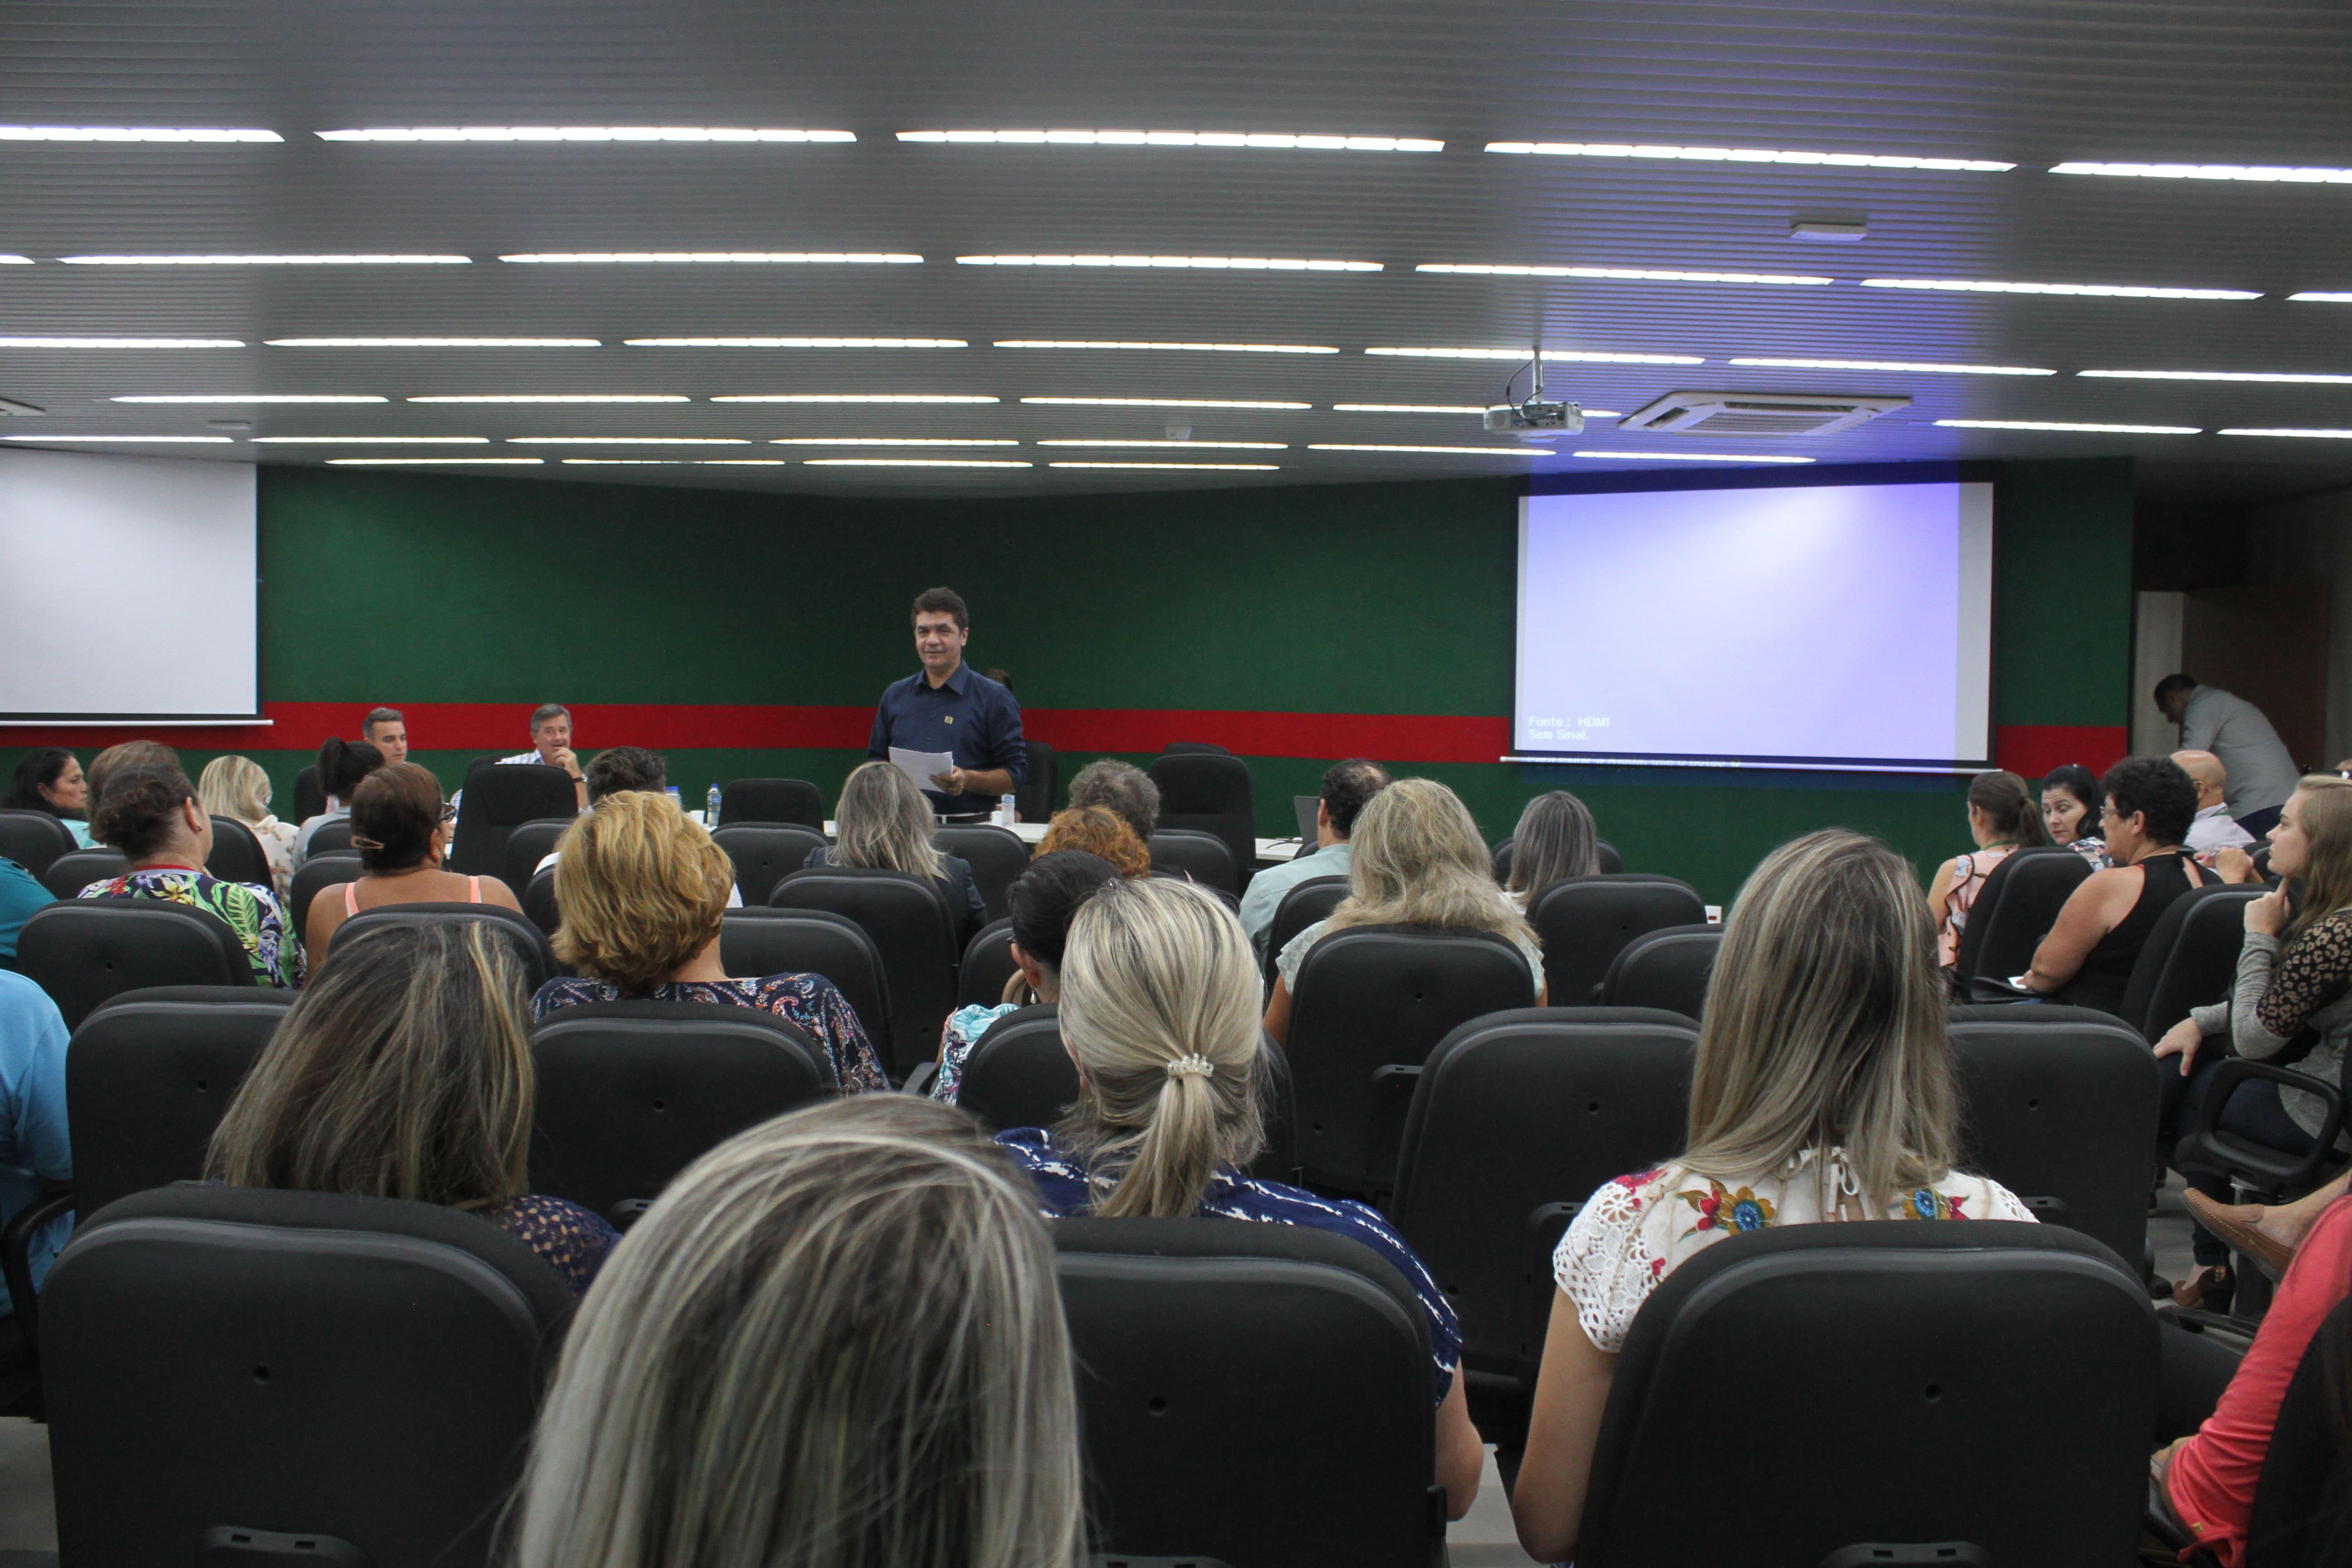 Prefeitura Municipal de Criciúma - Administração Municipal debate saúde com representantes de bairros